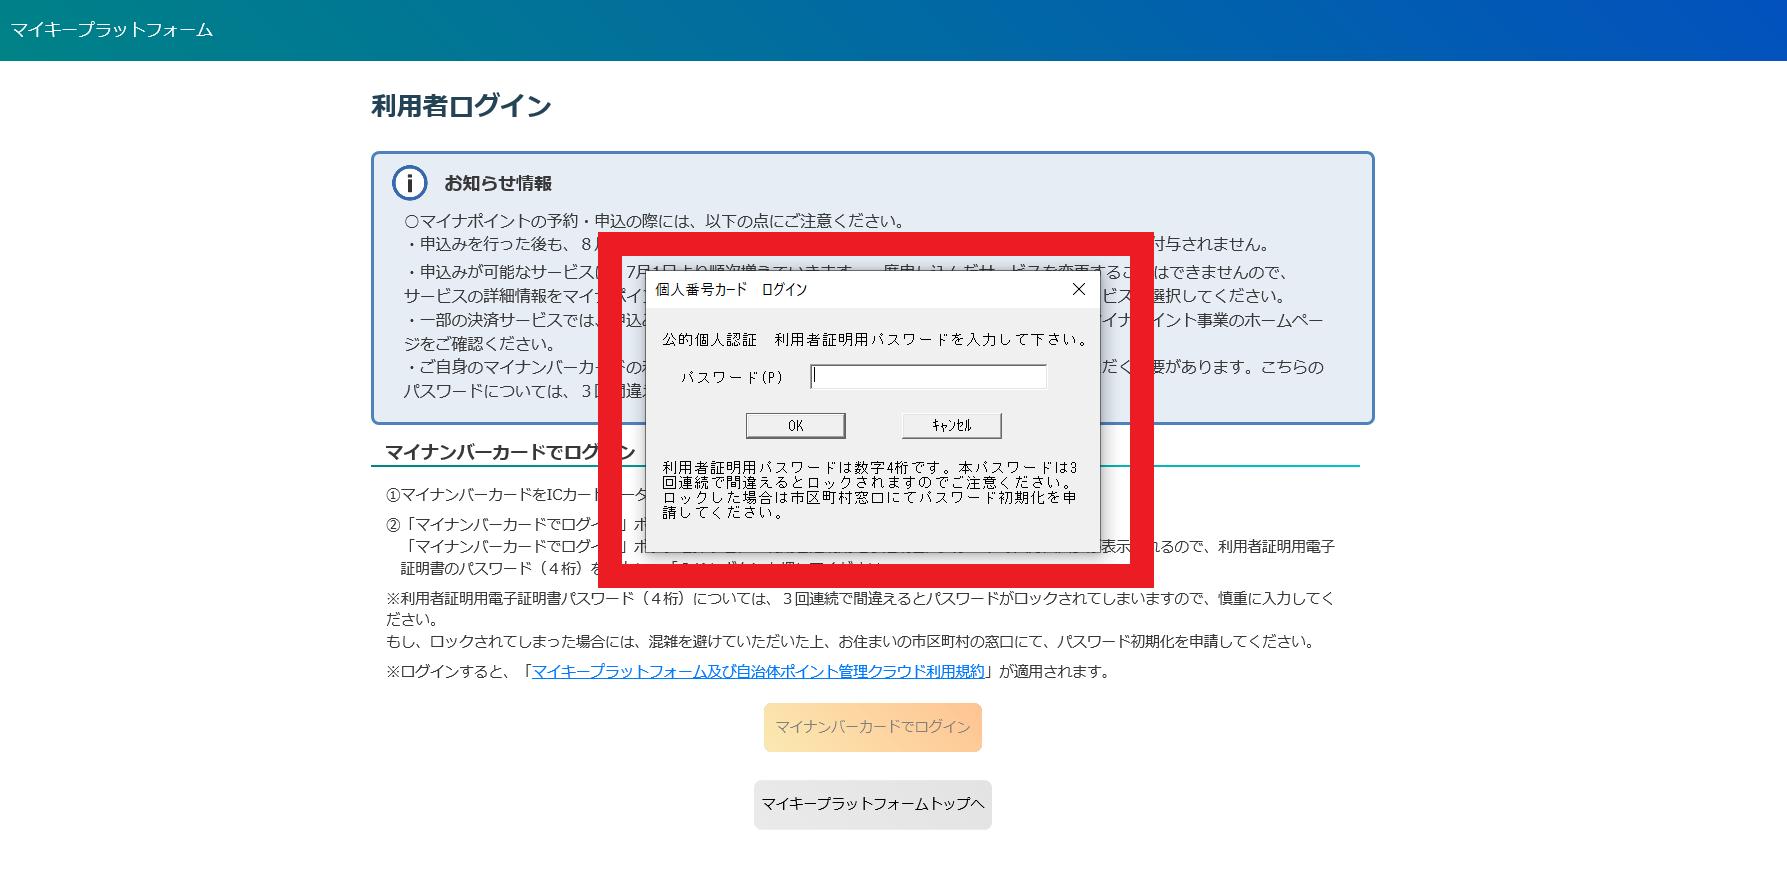 マイナポイント予約・申込確認03